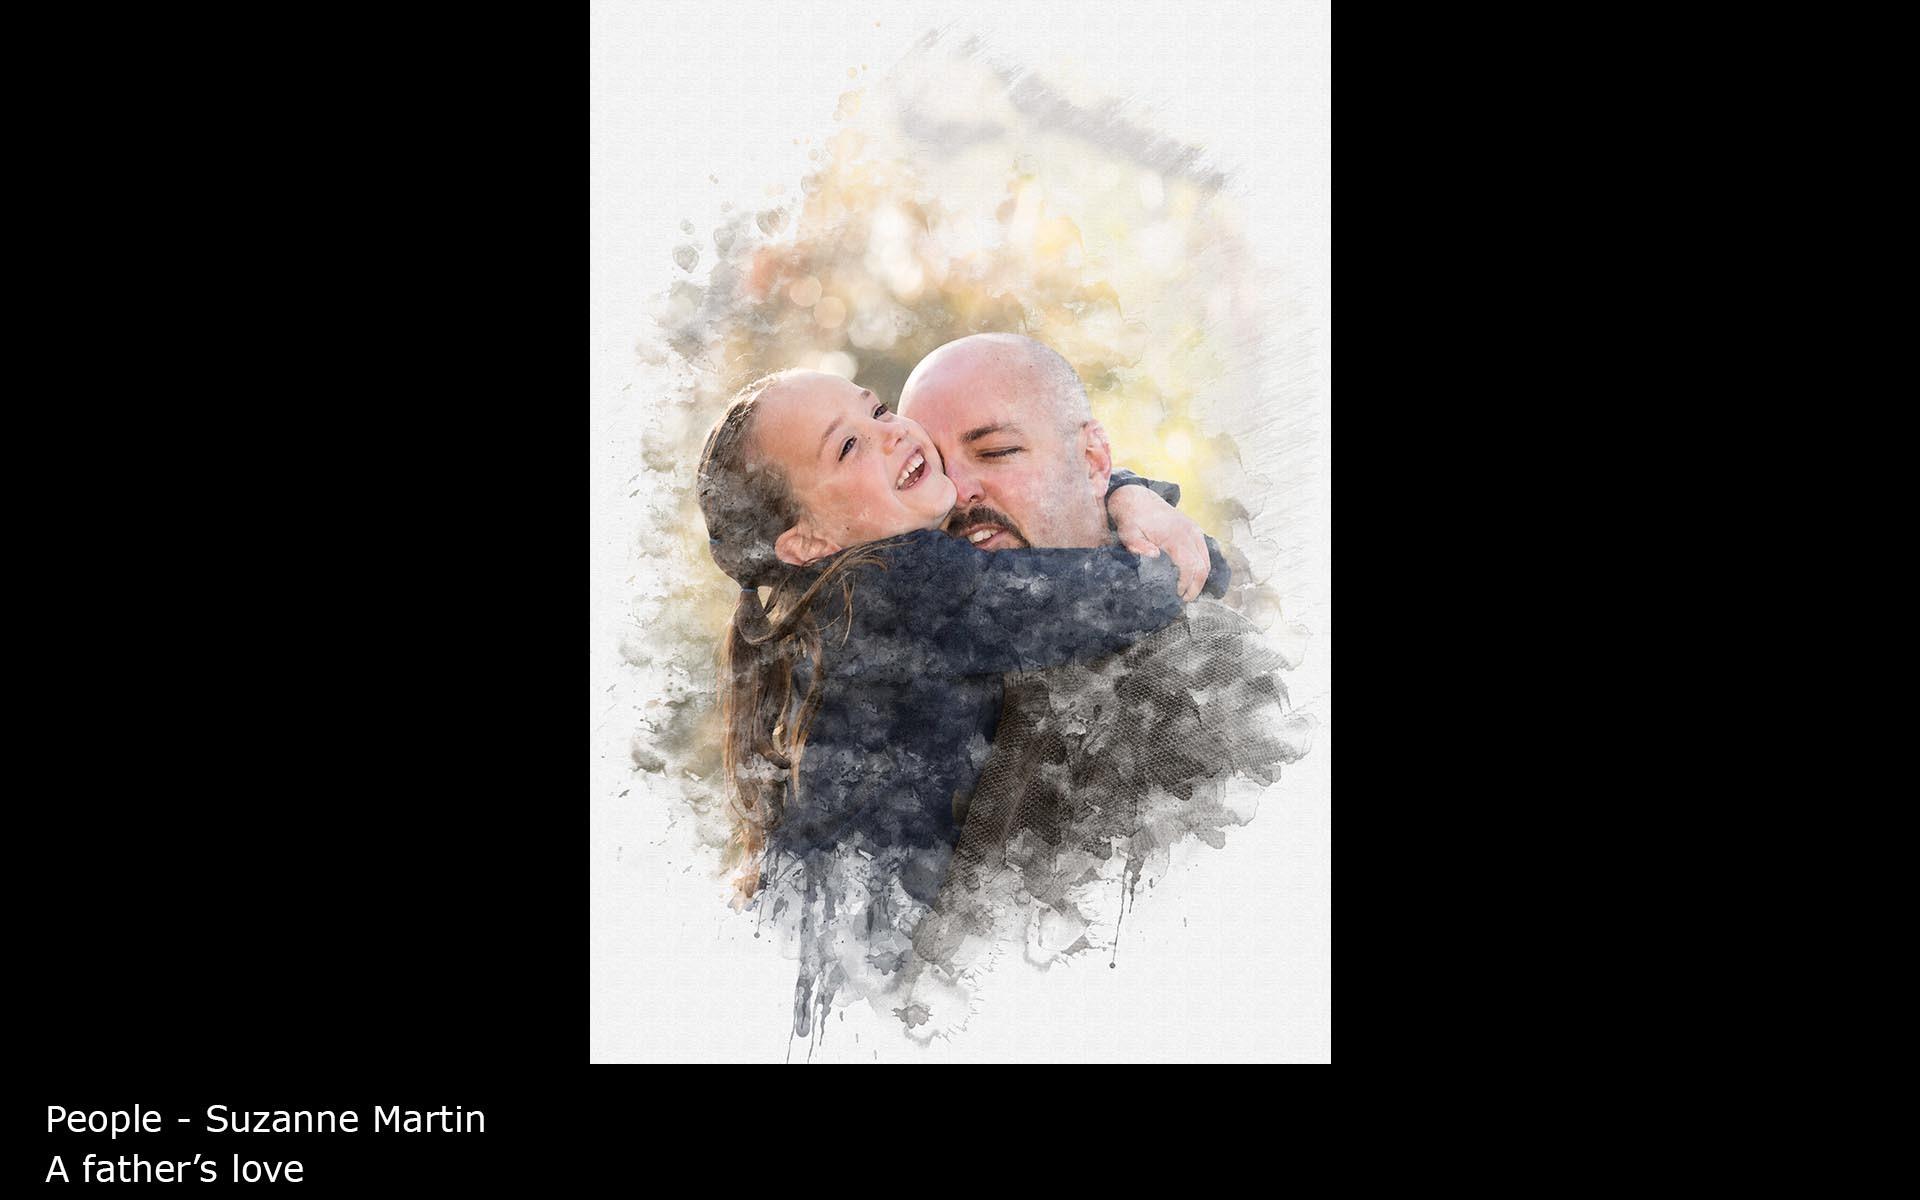 A father's love - Suzanne Martin